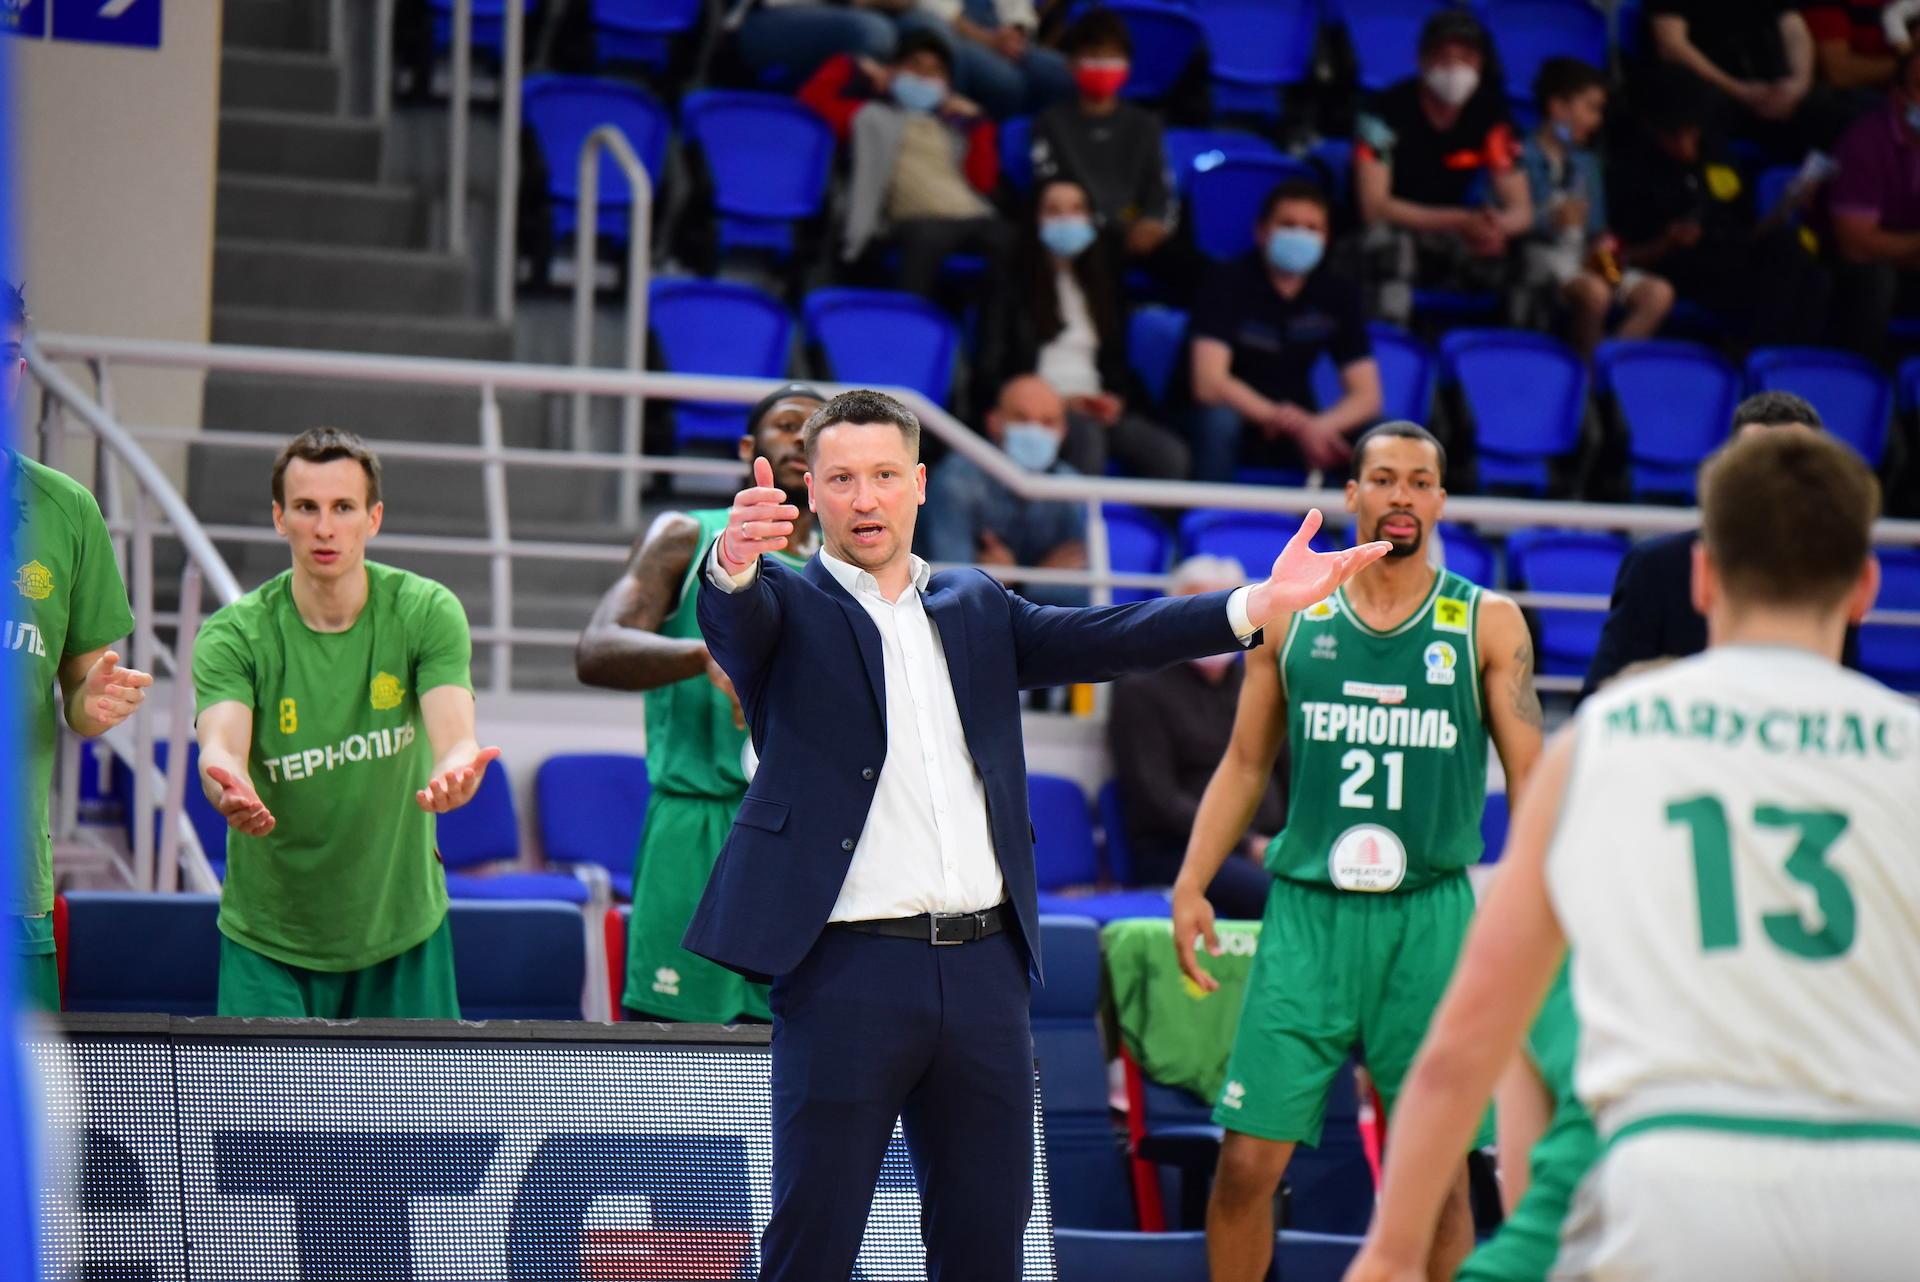 Тернопіль програв Запоріжжю у своєму дебютному матчі в плей-оф: відео коментарів